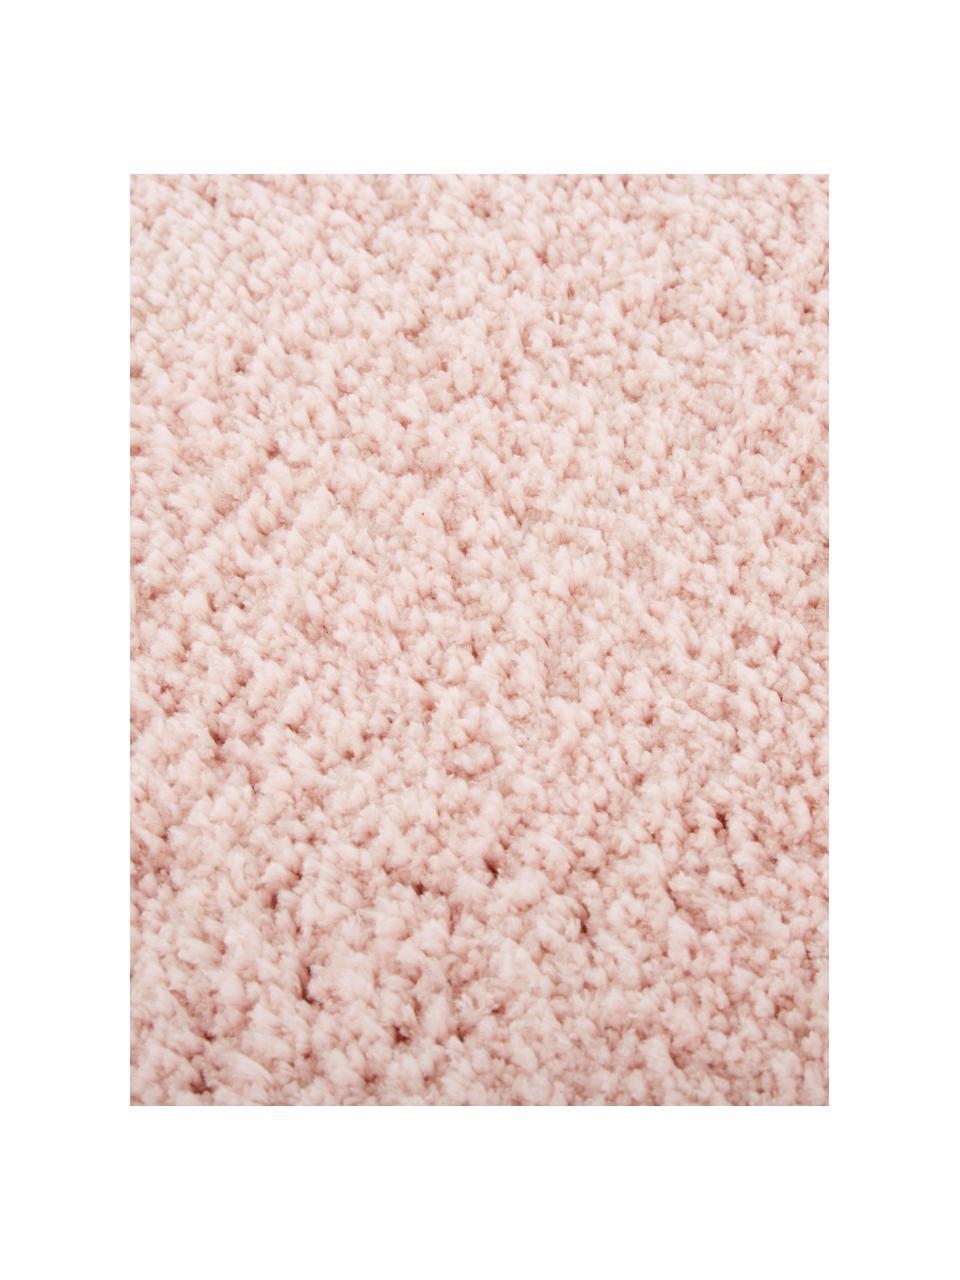 Flauschiger Hochflor-Teppich Leighton in Rosa, Flor: Mikrofaser (100% Polyeste, Rosé, B 80 x L 150 cm (Größe XS)